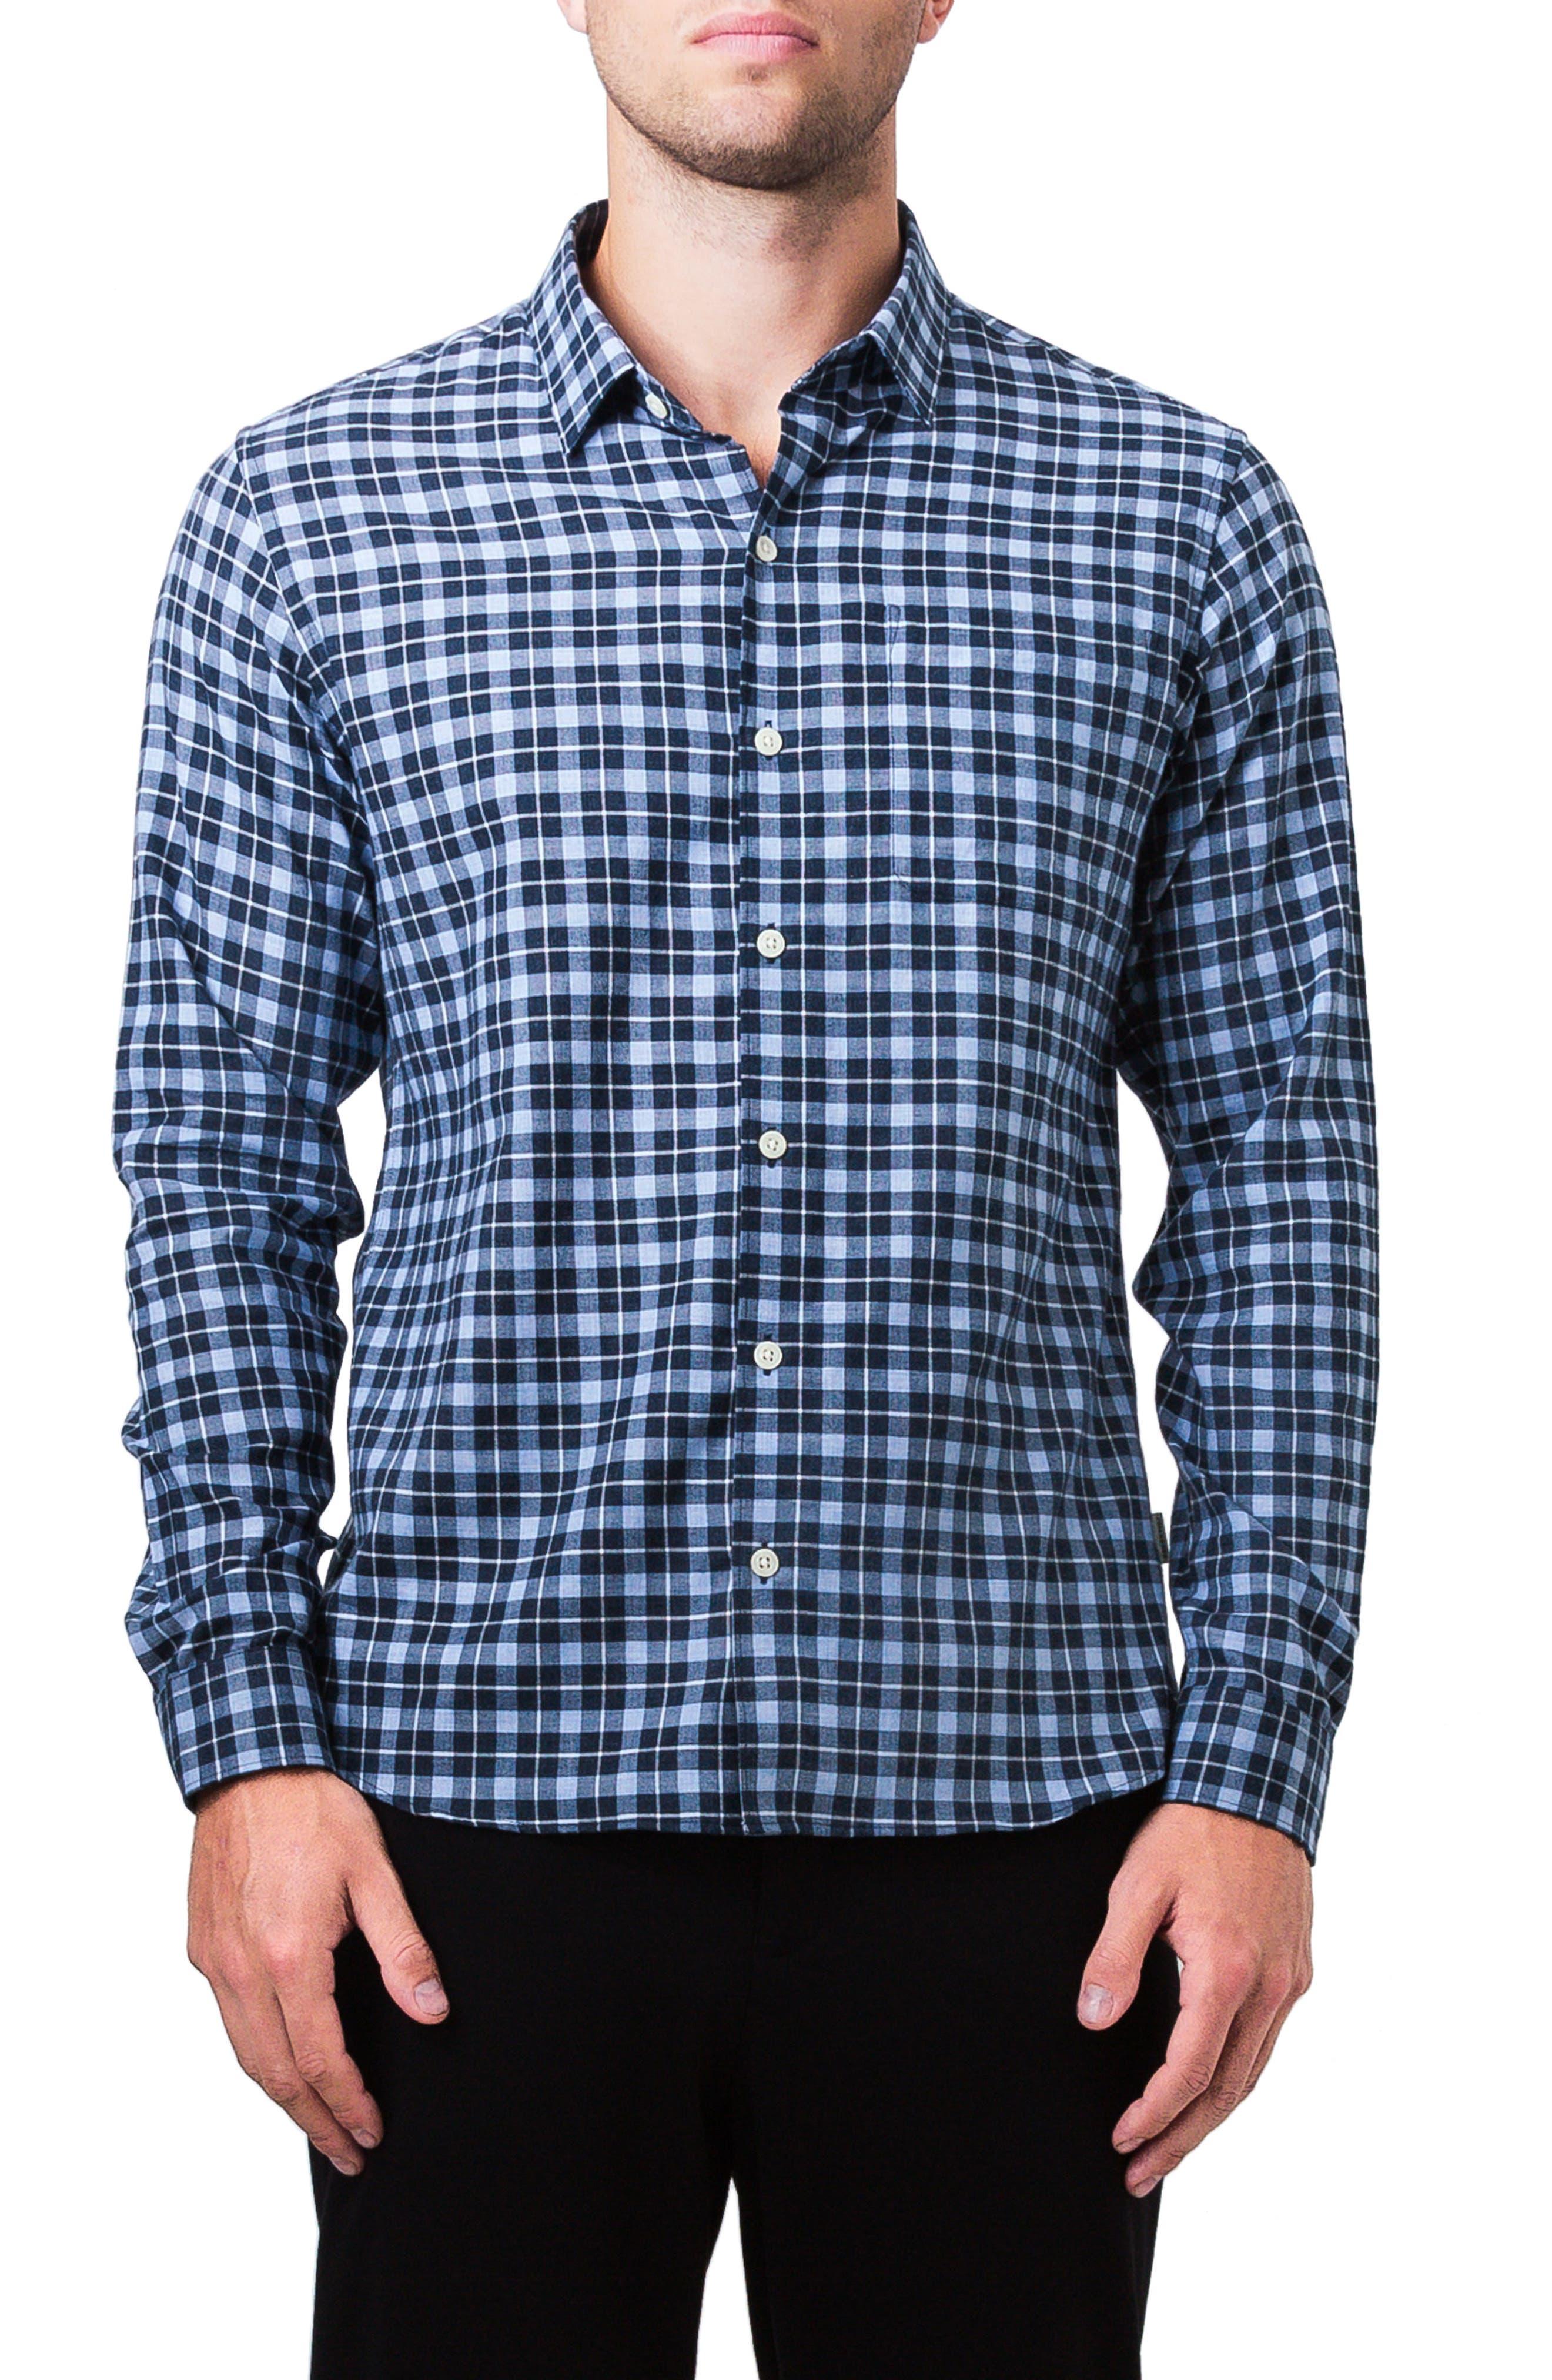 Sugar Storm Woven Shirt,                             Main thumbnail 1, color,                             Powder Blue